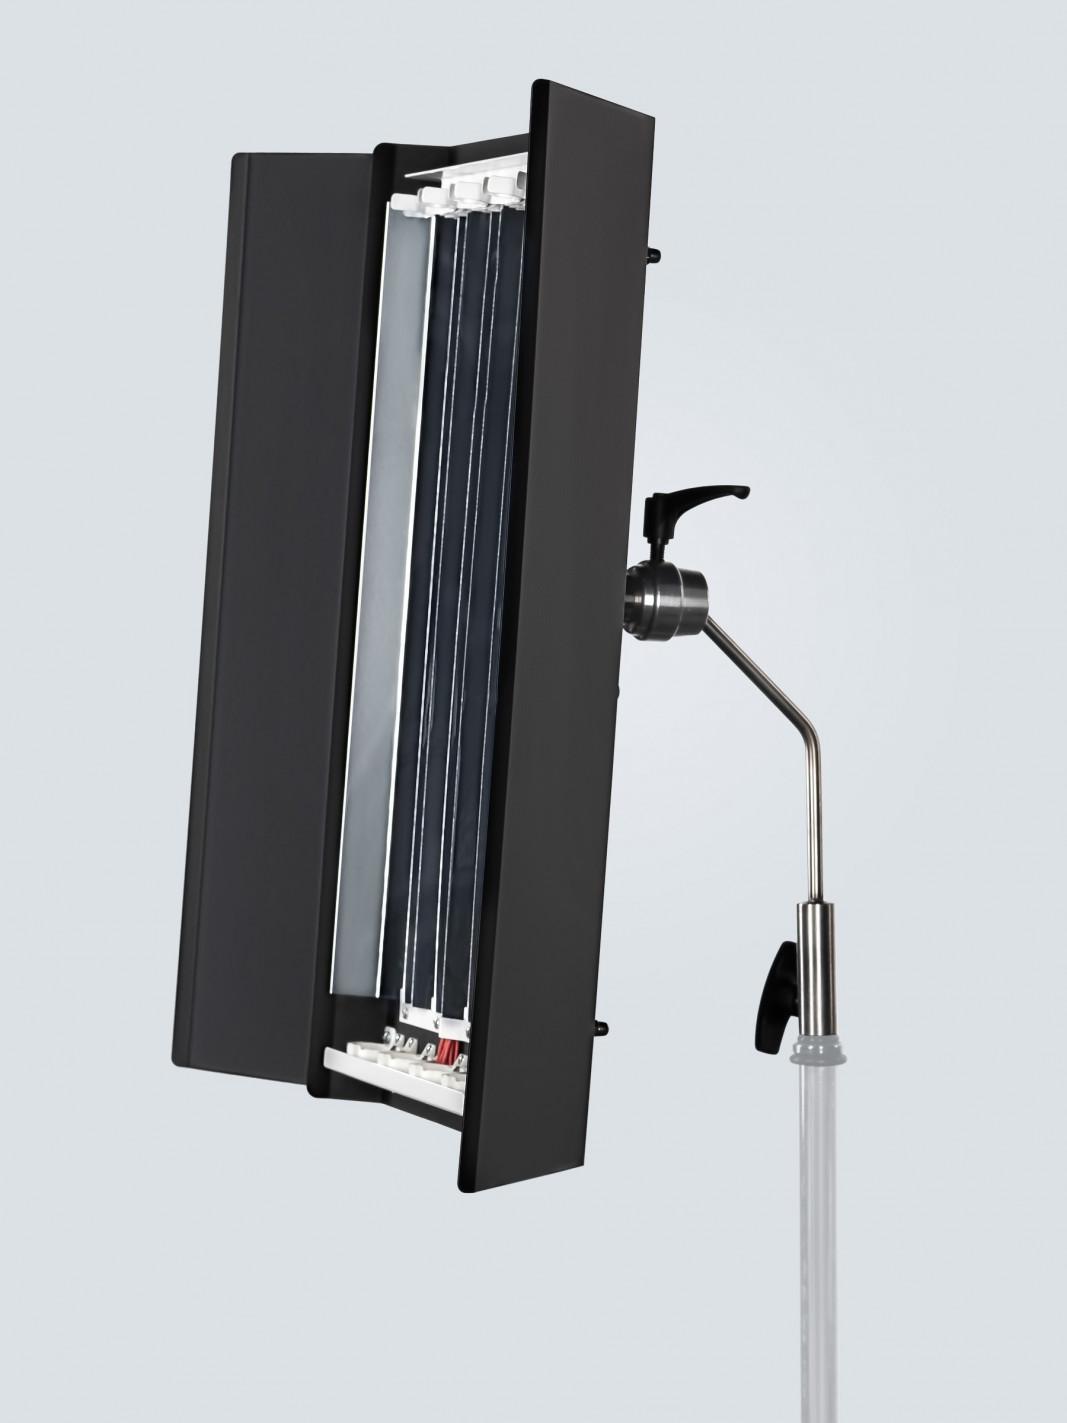 Dimmable fluorescent light RDL600U